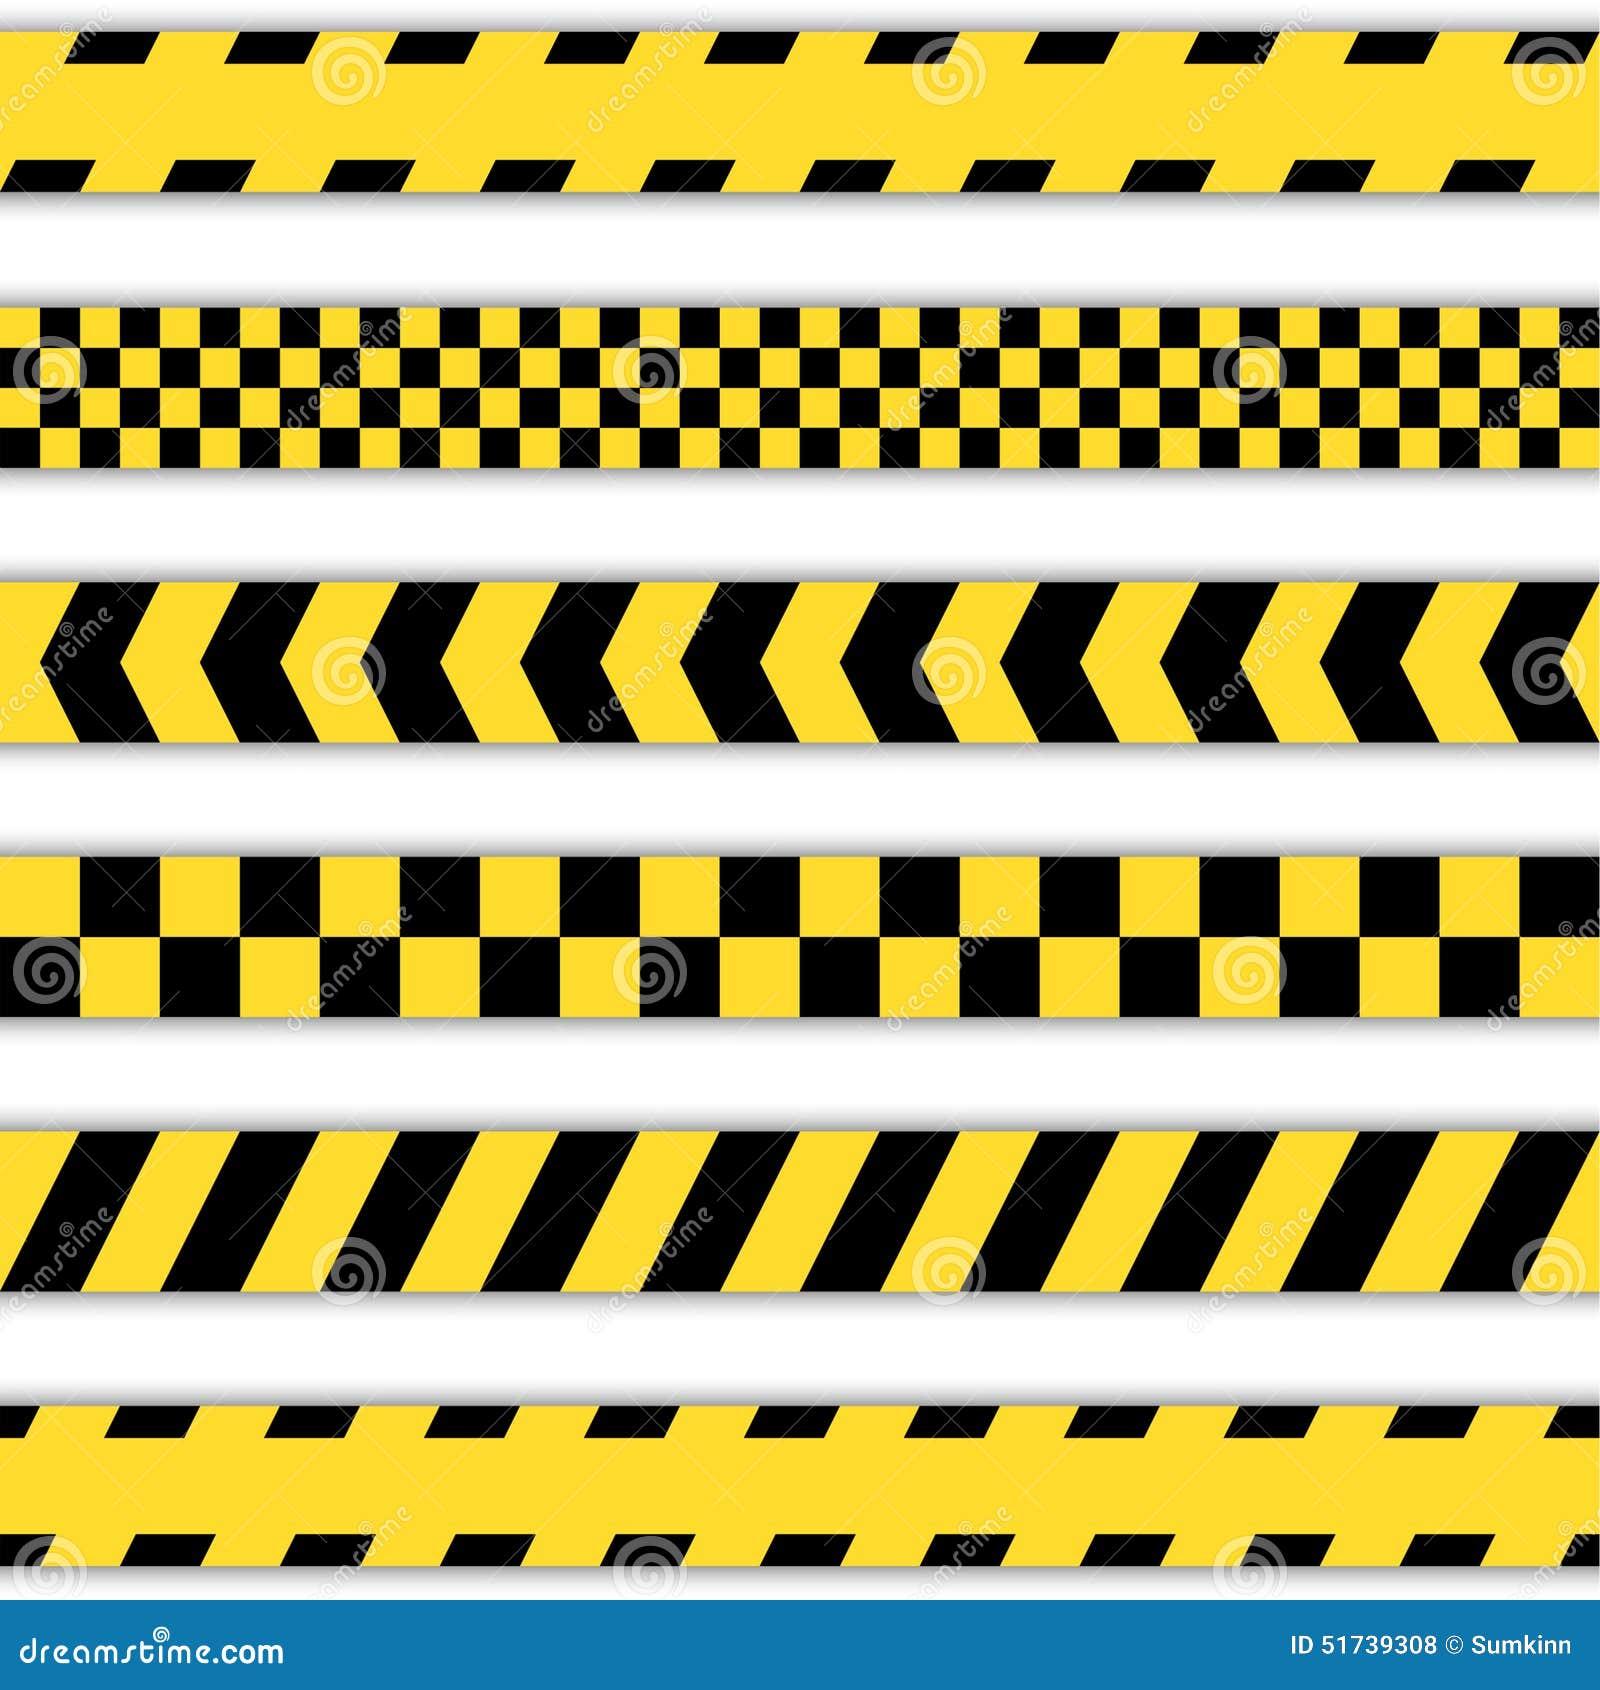 Presco B3102y395 besides Fotos De Archivo La Cinta De La Precauci C3 B3n Y Peligro Se C3 B1al Adentro Vector Incons C3 BAtil Image10078083 further wilcoxsafety furthermore Index2 in addition 10000208. on construction warning tape